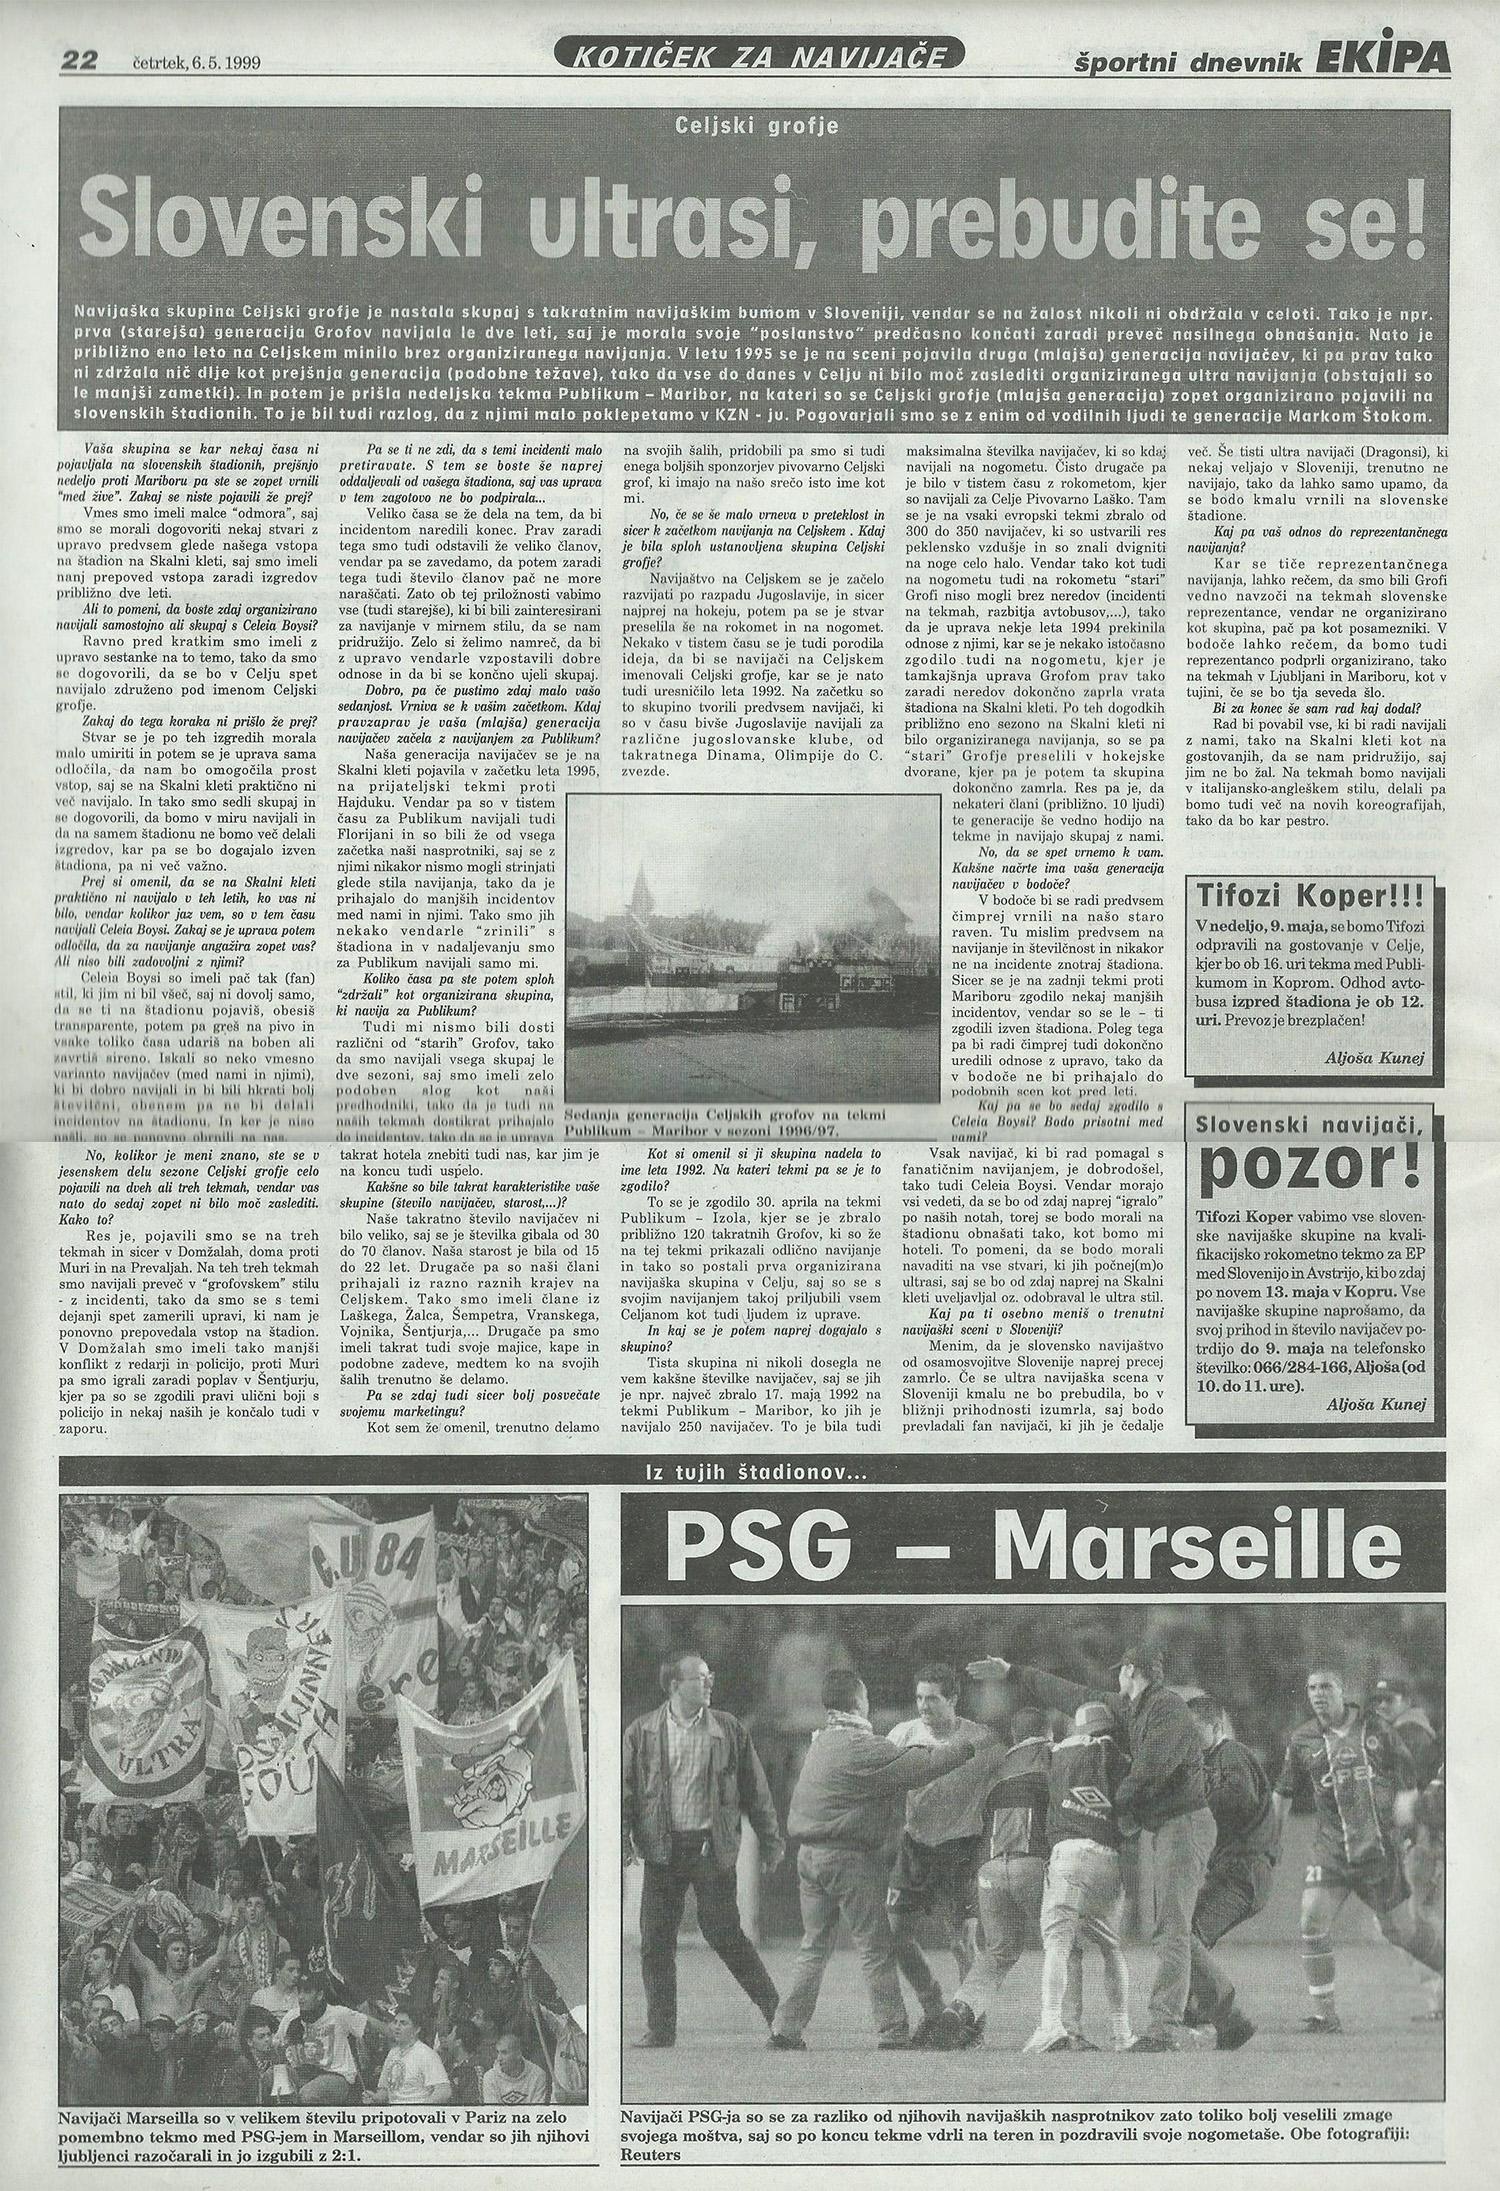 KZN_6-5-1999_1500px